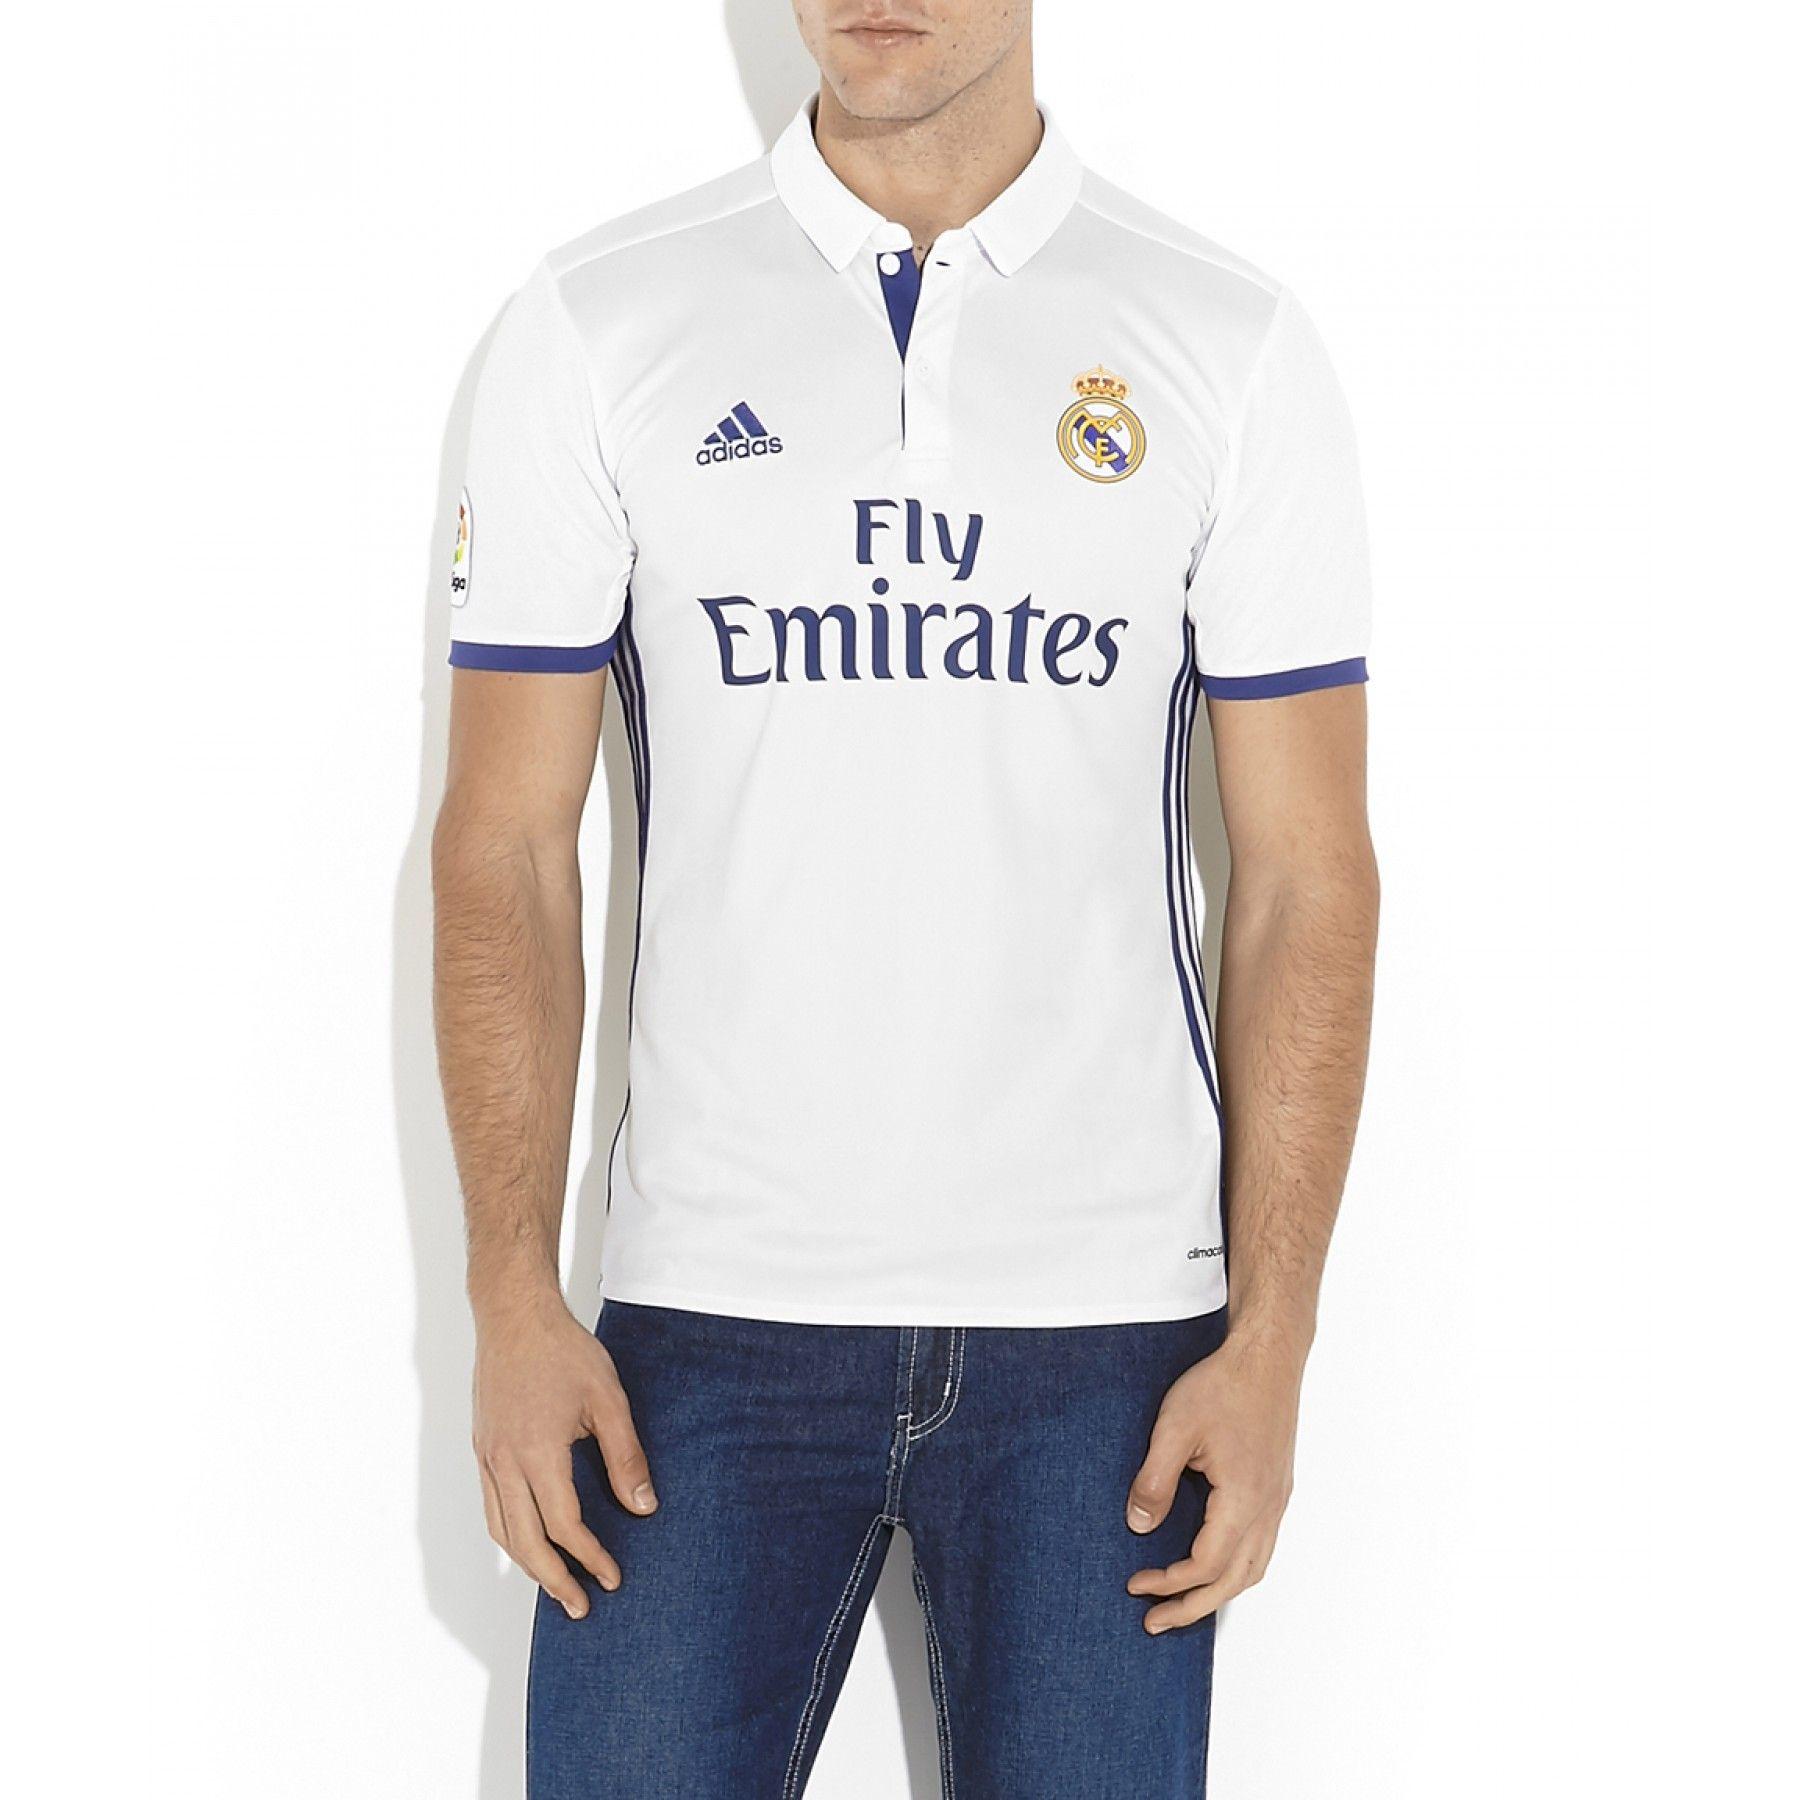 c65e63379df76 Jersey Adidas de corte recto en tejido de punto con diseño del Club de  Fútbol Real